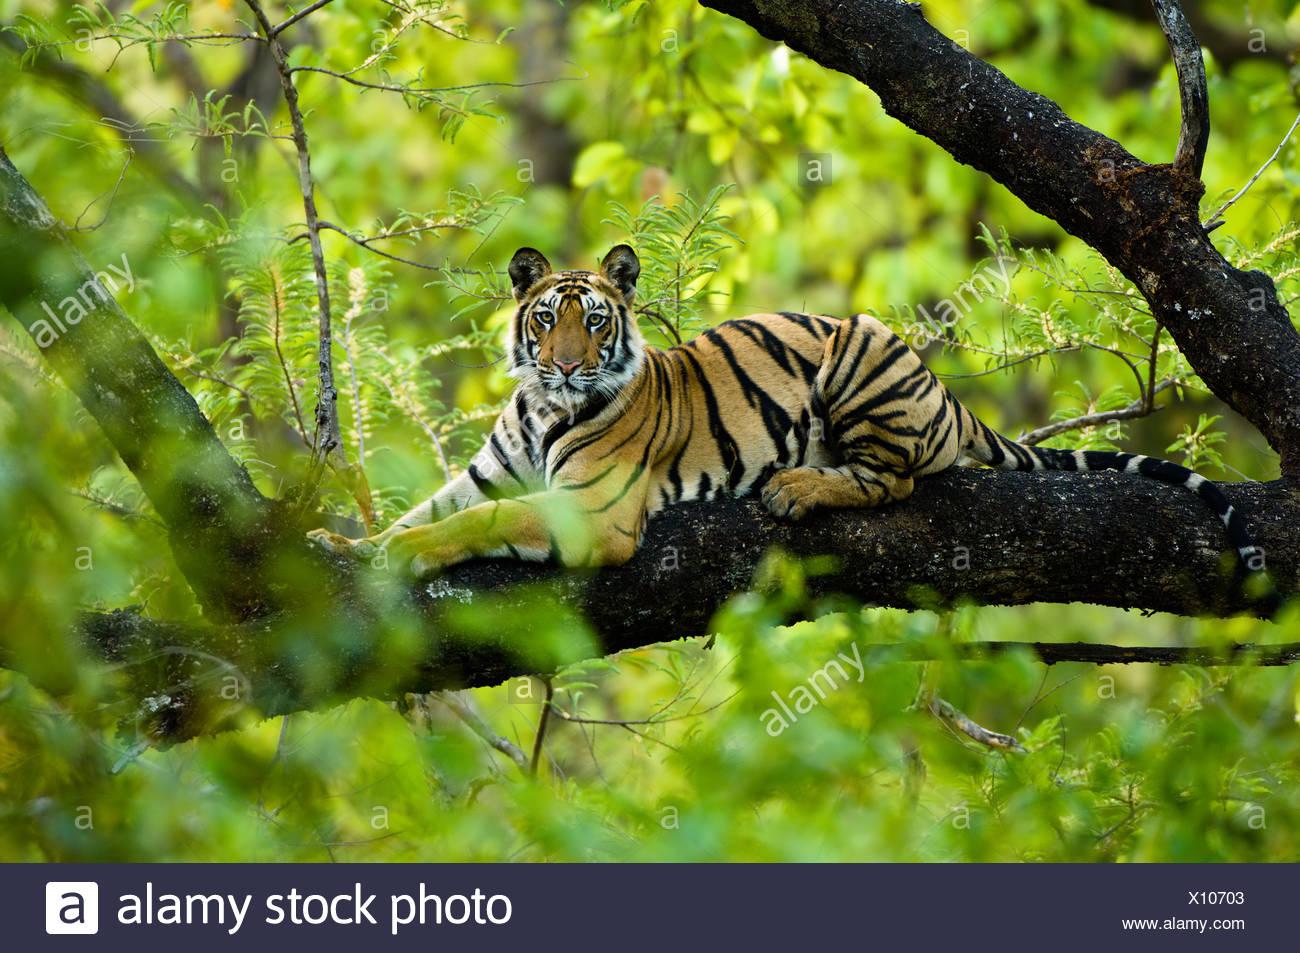 Adolescente di sesso maschile tigre del Bengala (circa quindici mesi) in appoggio su un albero. Bandhavgarh NP, Madhya Pradesh, India. Immagini Stock